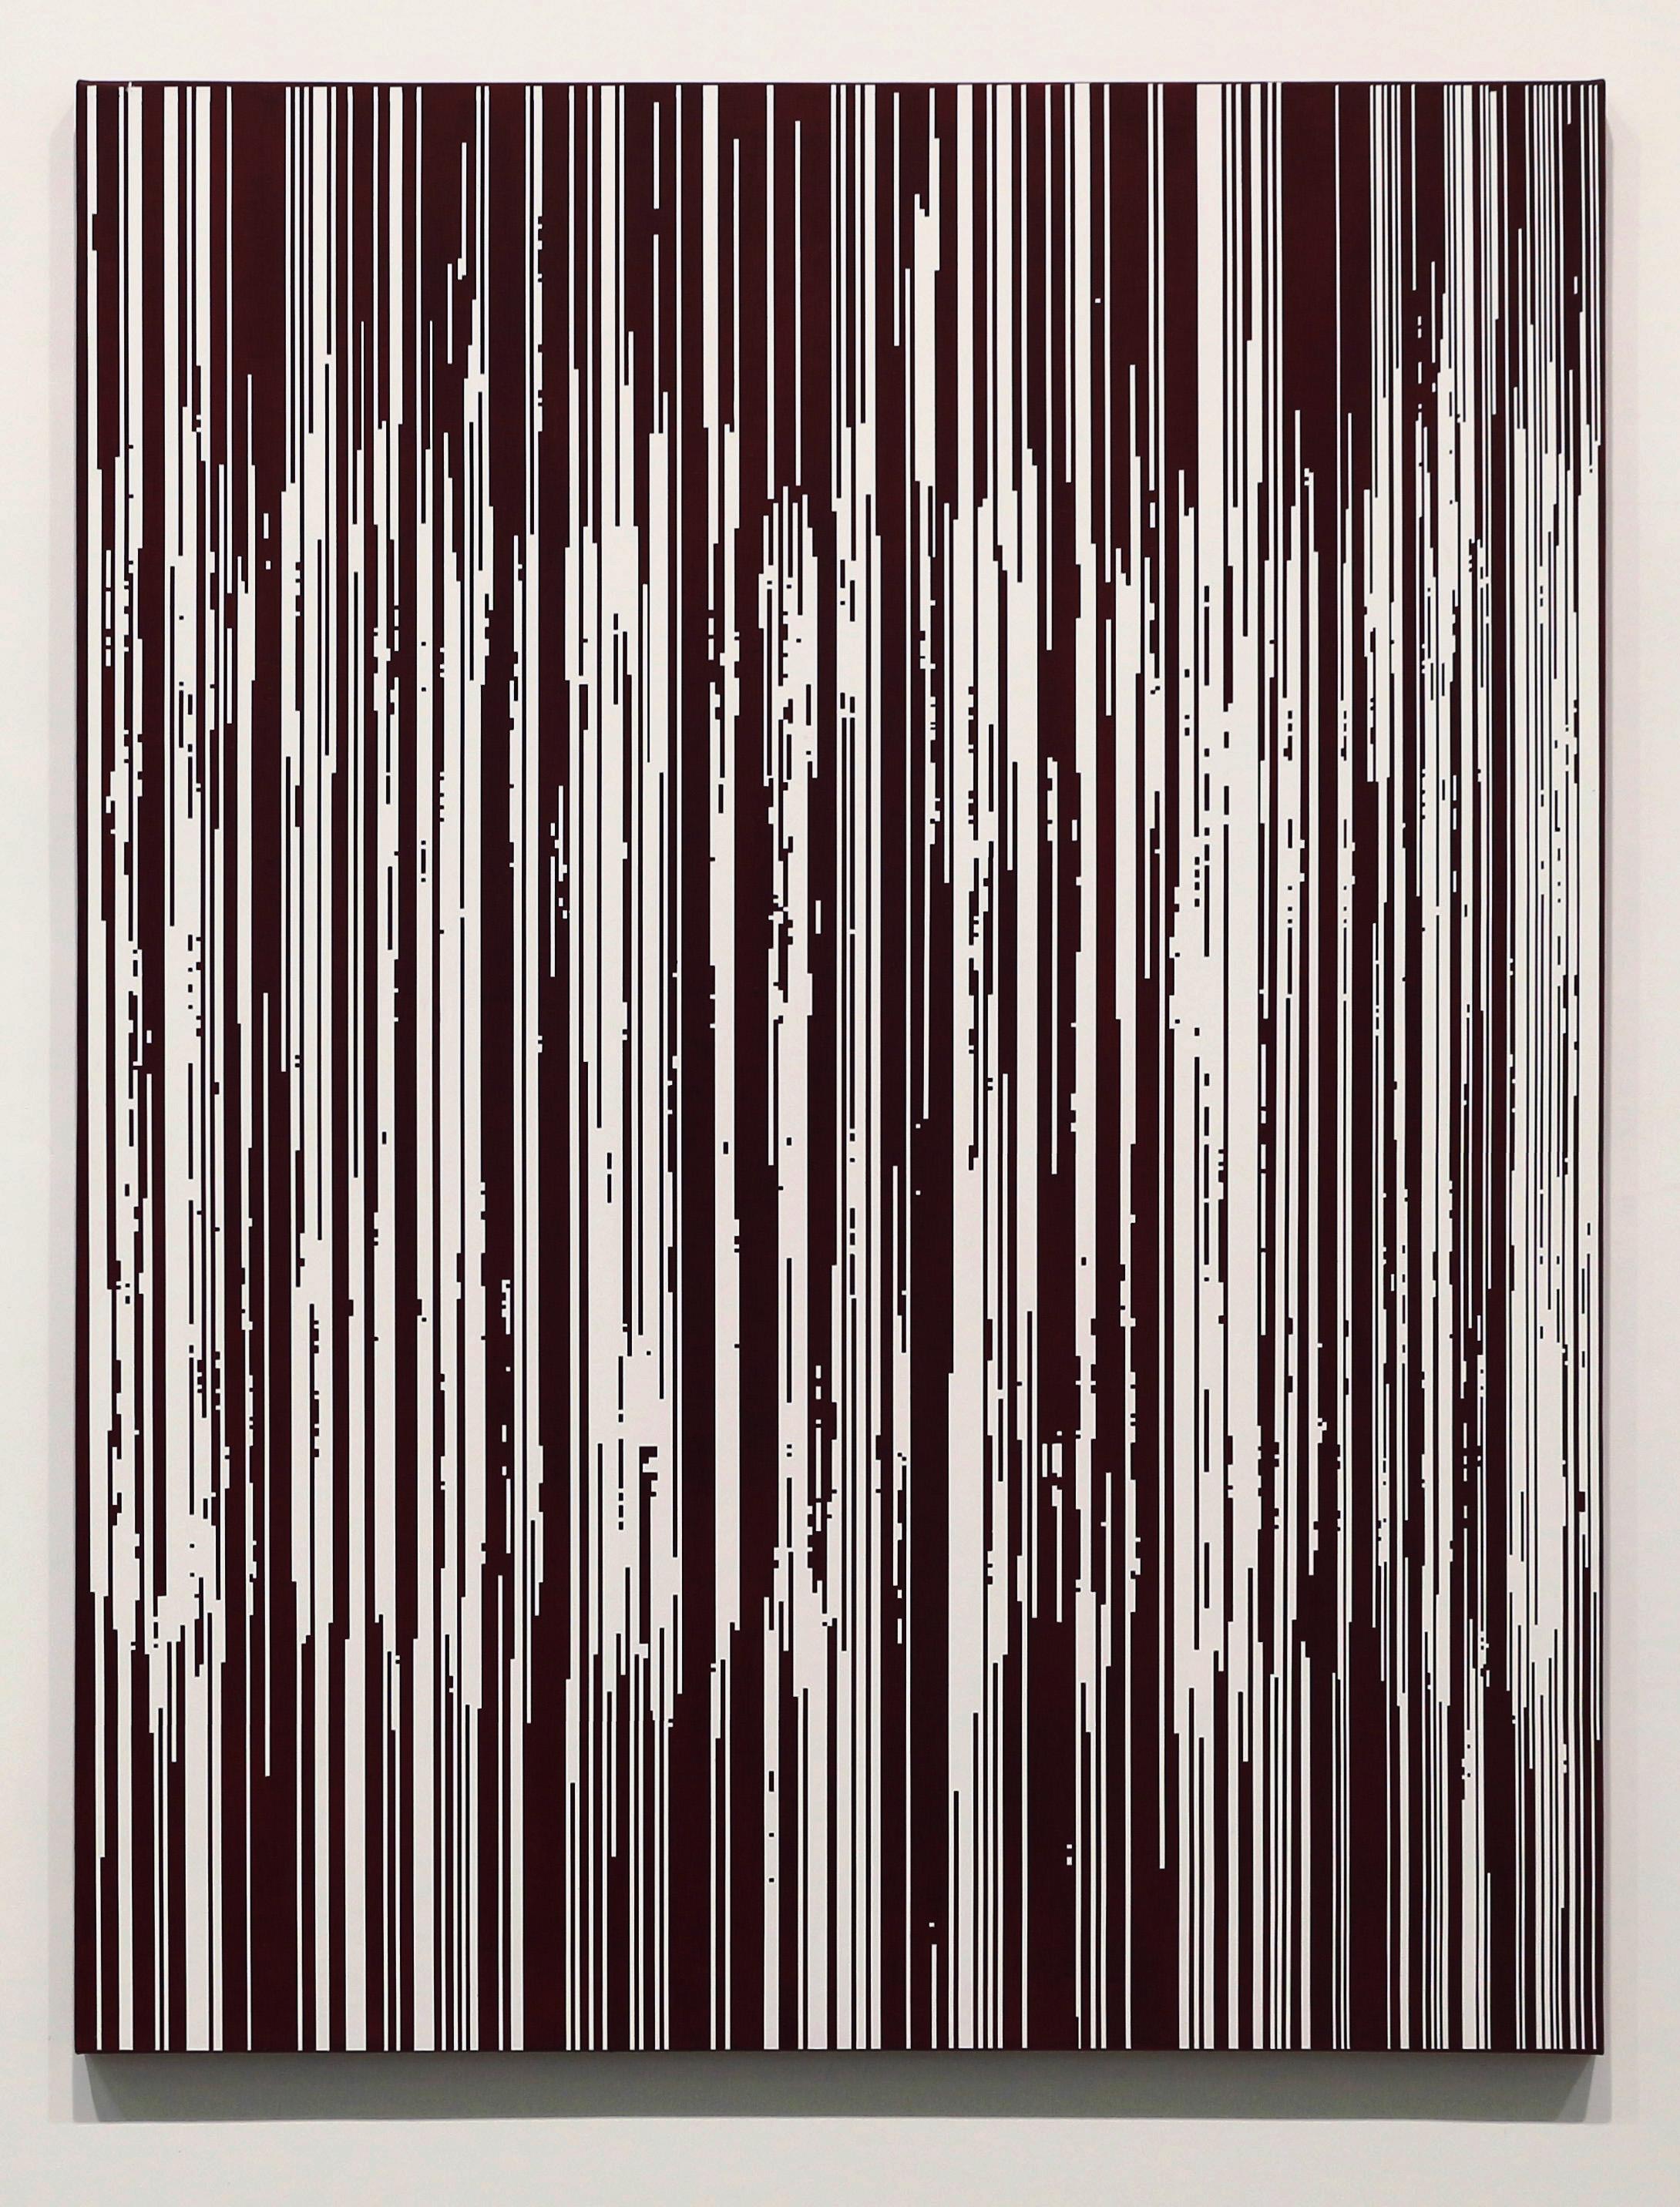 J. PARK_2016 Maze-201651235_Acrylic on canvas_116.8x91cm